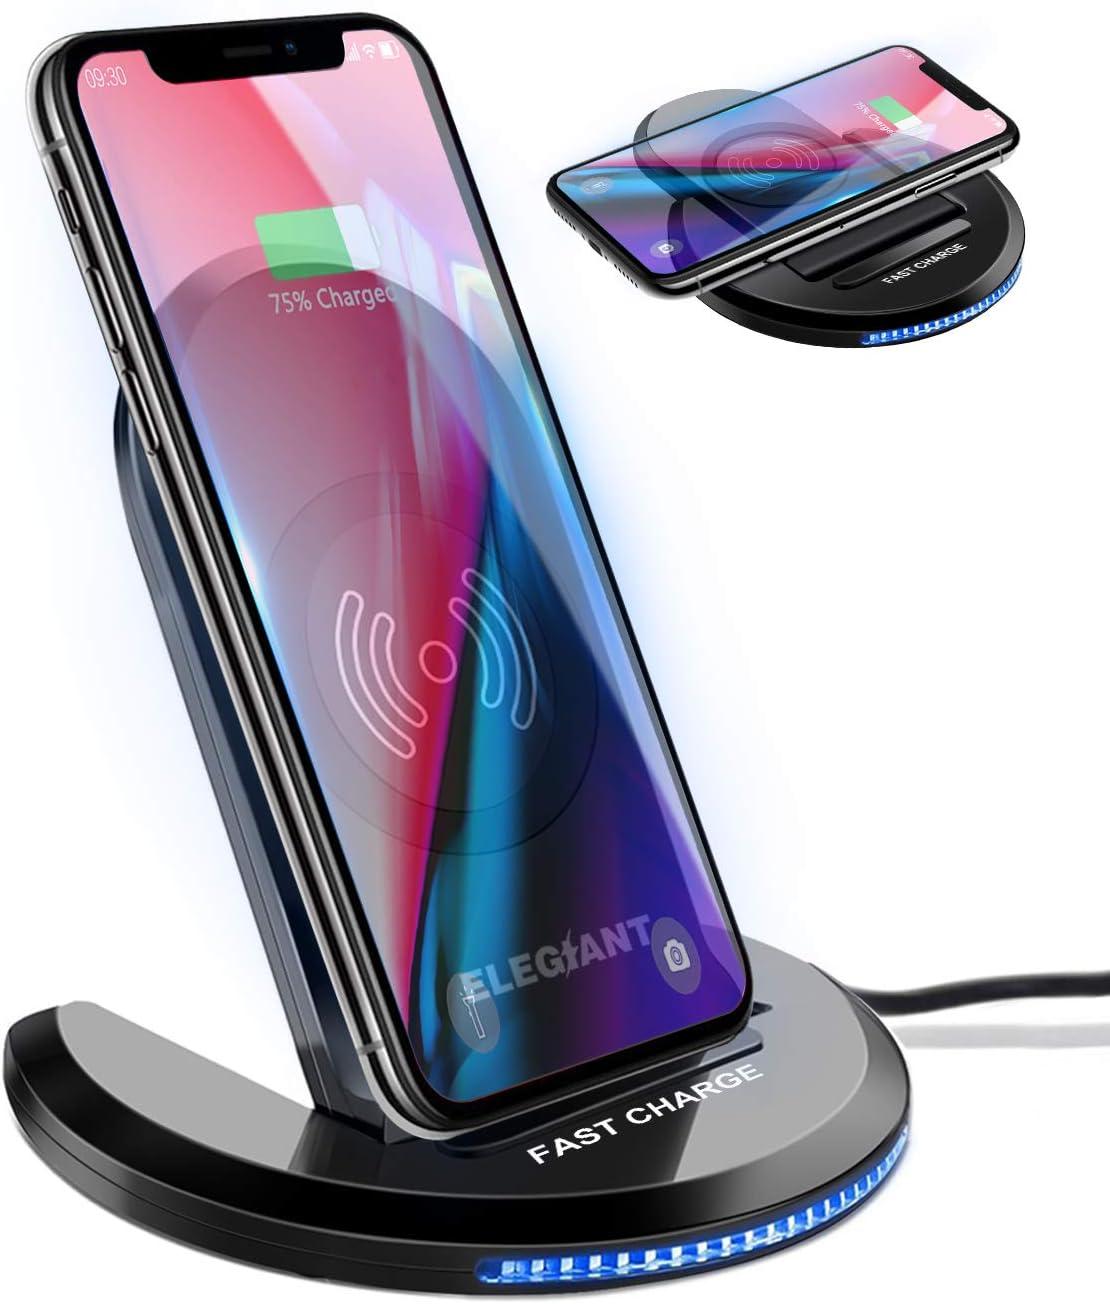 Cargador Inalámbrico, ELEGIANT Cargador Rápido Qi 10W para IOS Android Samsung Galaxy Note 20/Note 10/Note 9, S20/S10/S9, Estación Manos Libres de Ángulo Ajustable con Indicador LED Inteligente